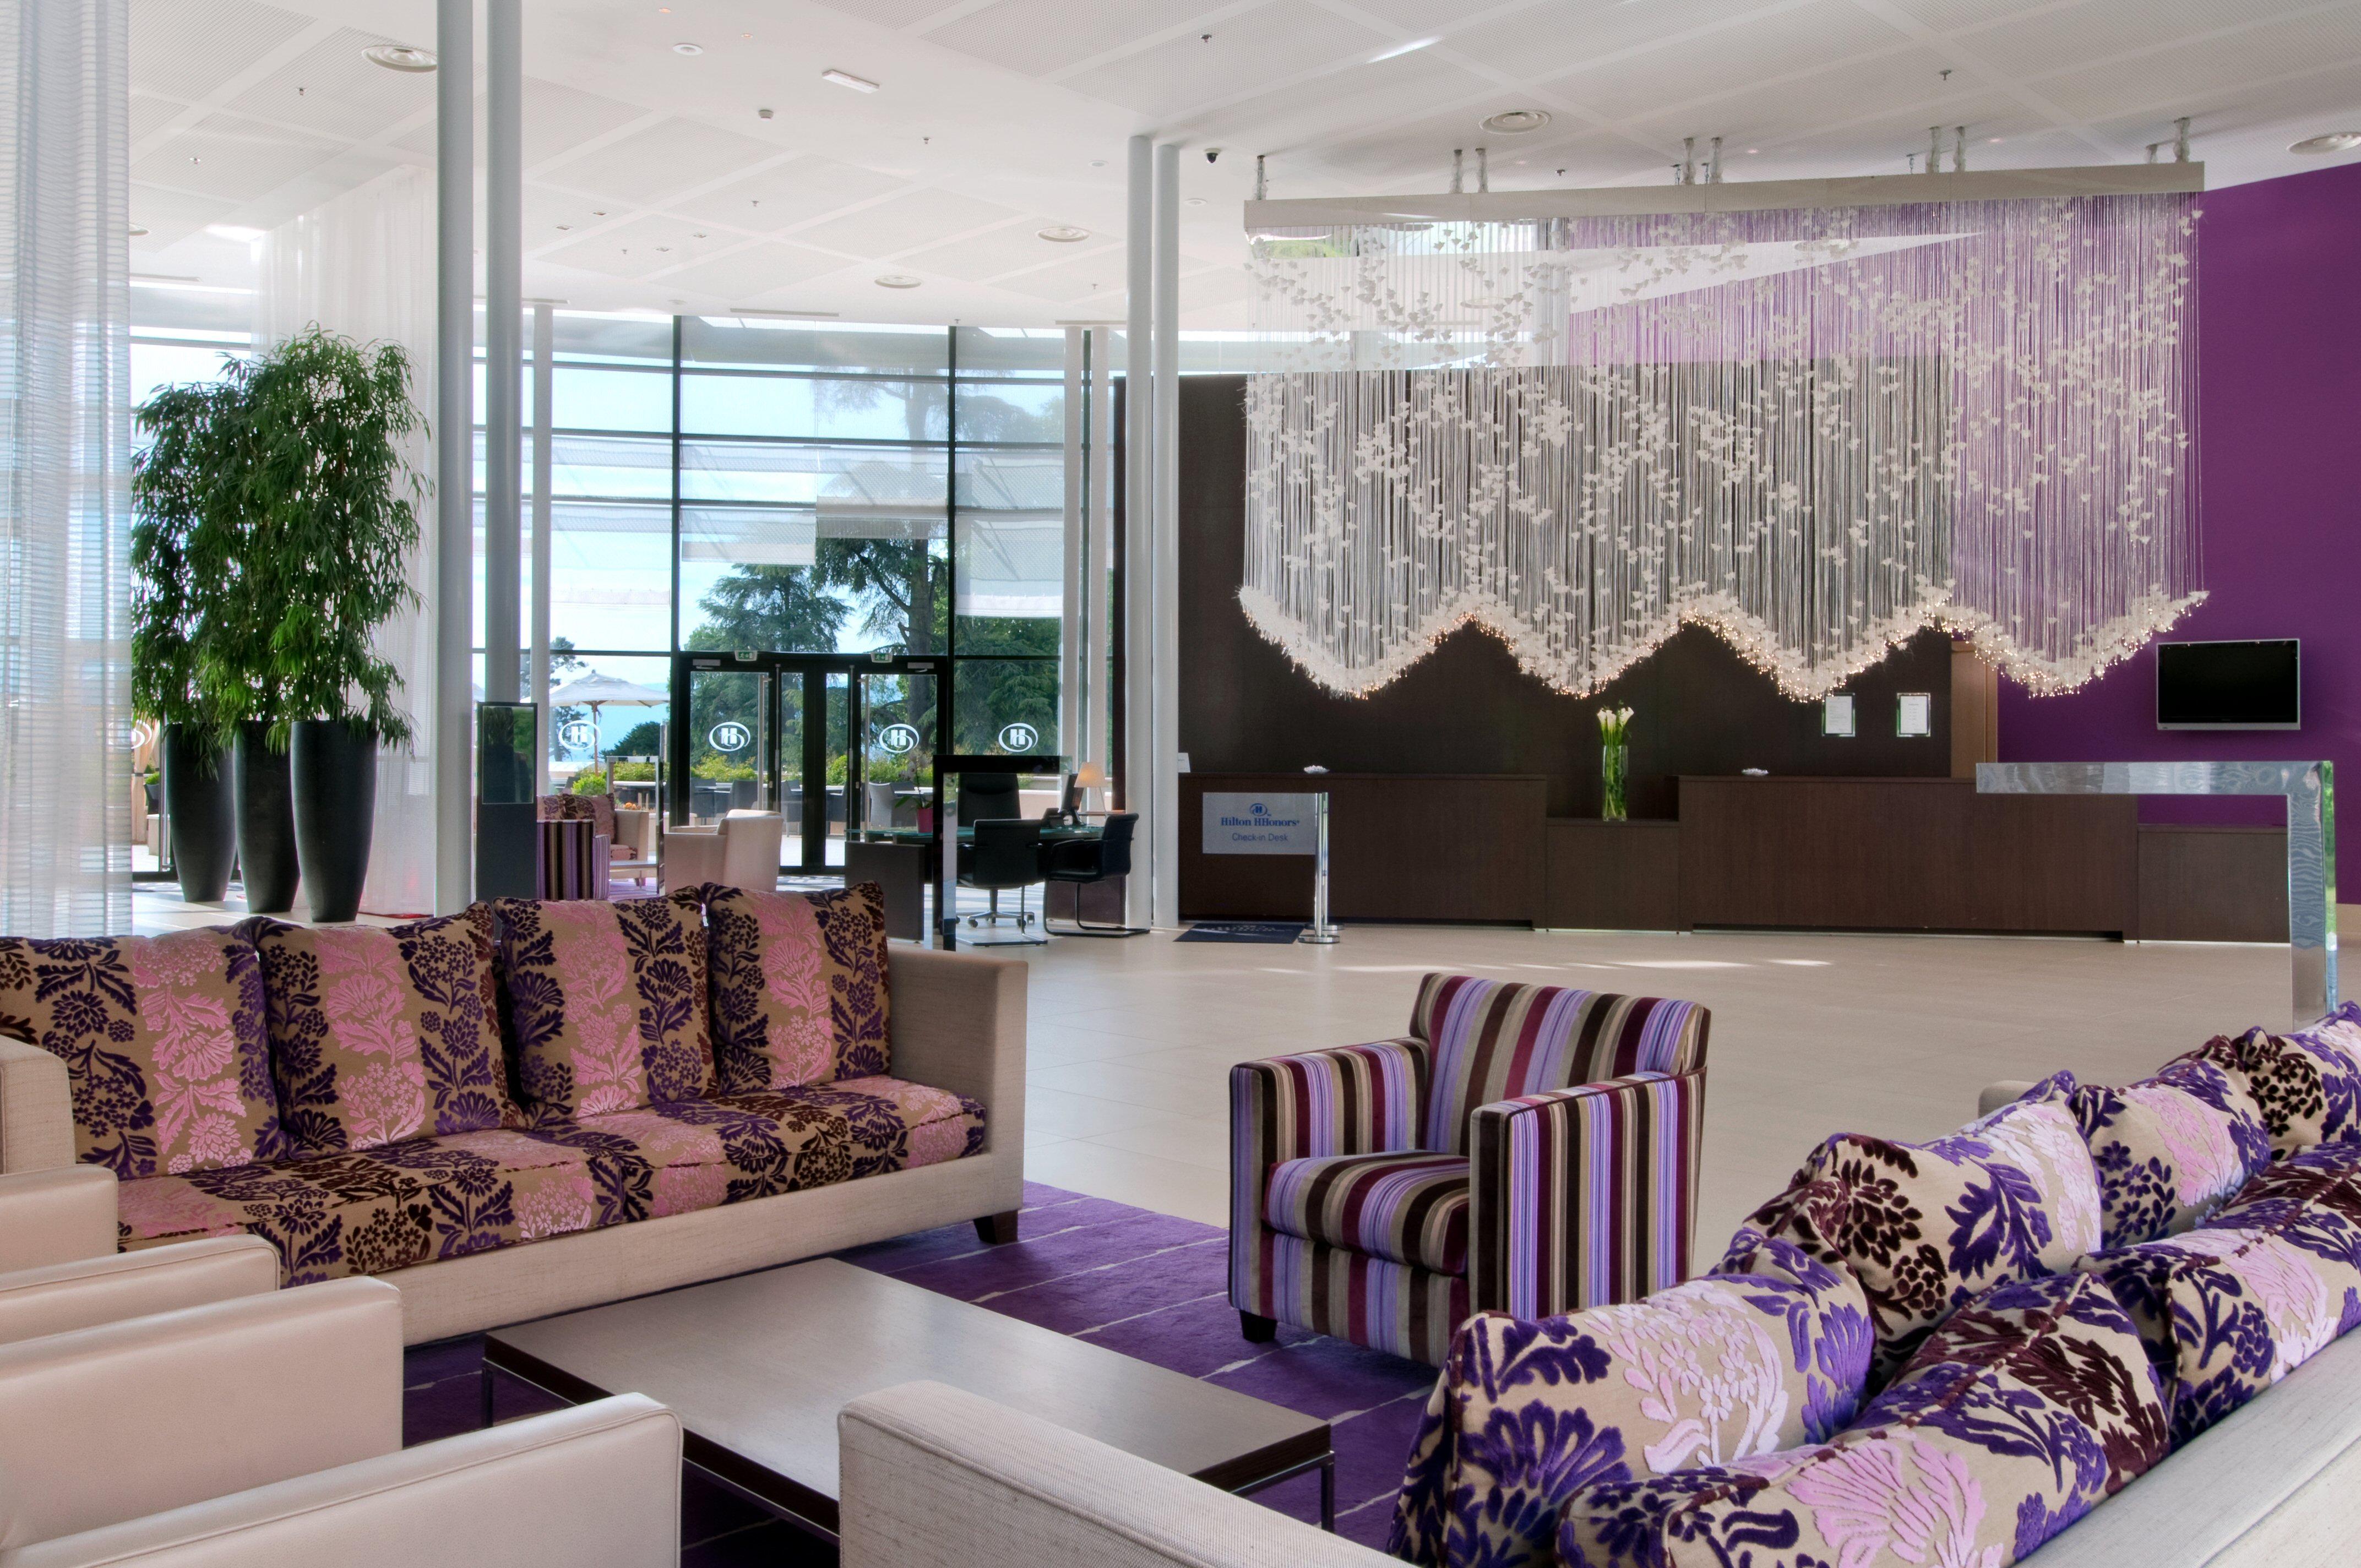 Salle De Bain Hilton ~ h tel hilton evian les bains savoie mont blanc savoie et haute